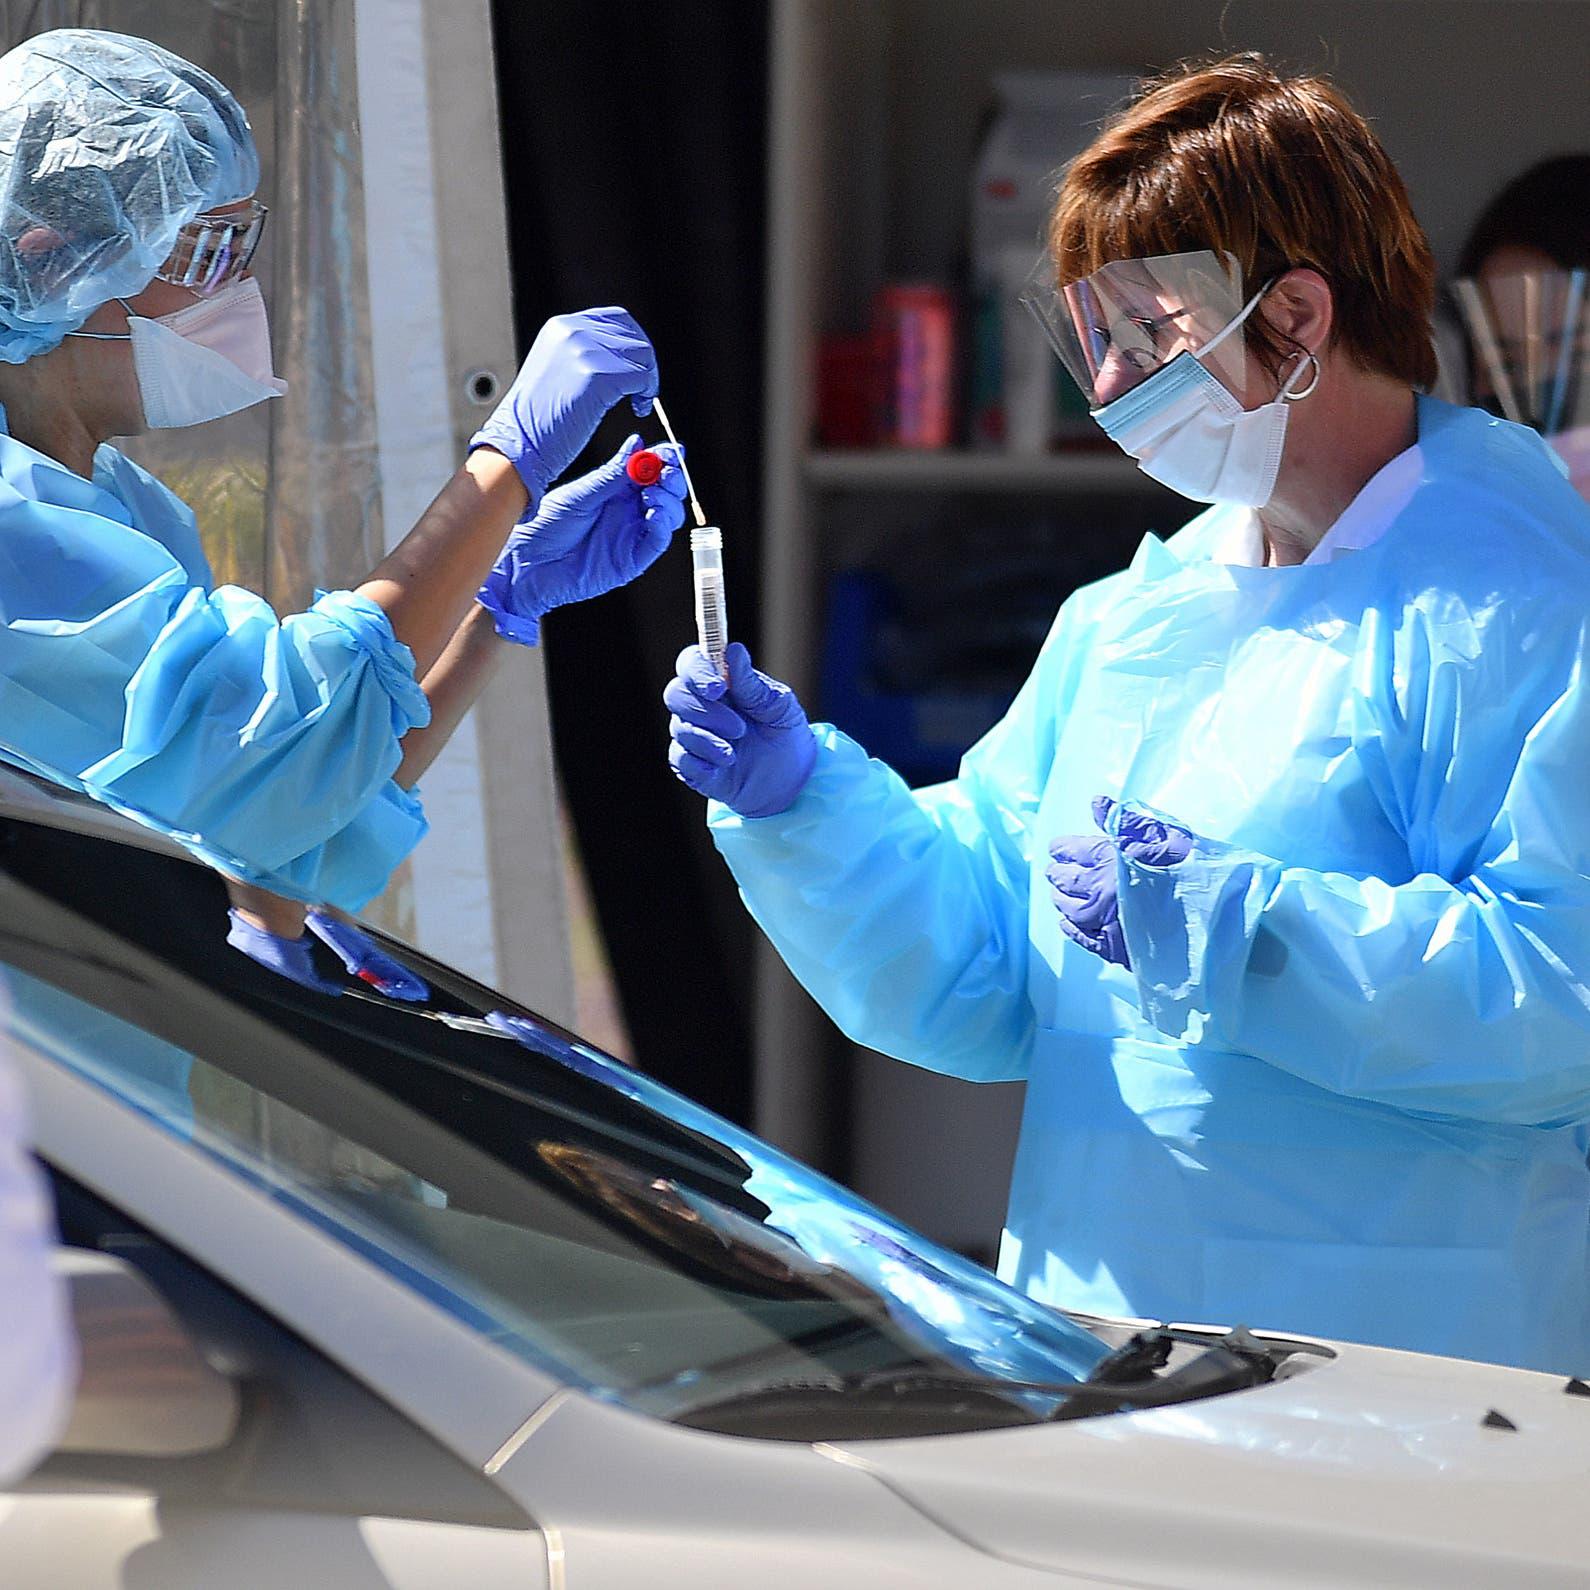 مستشفيات أميركا ترفض ثلث كميات علاج فيروس كورونا